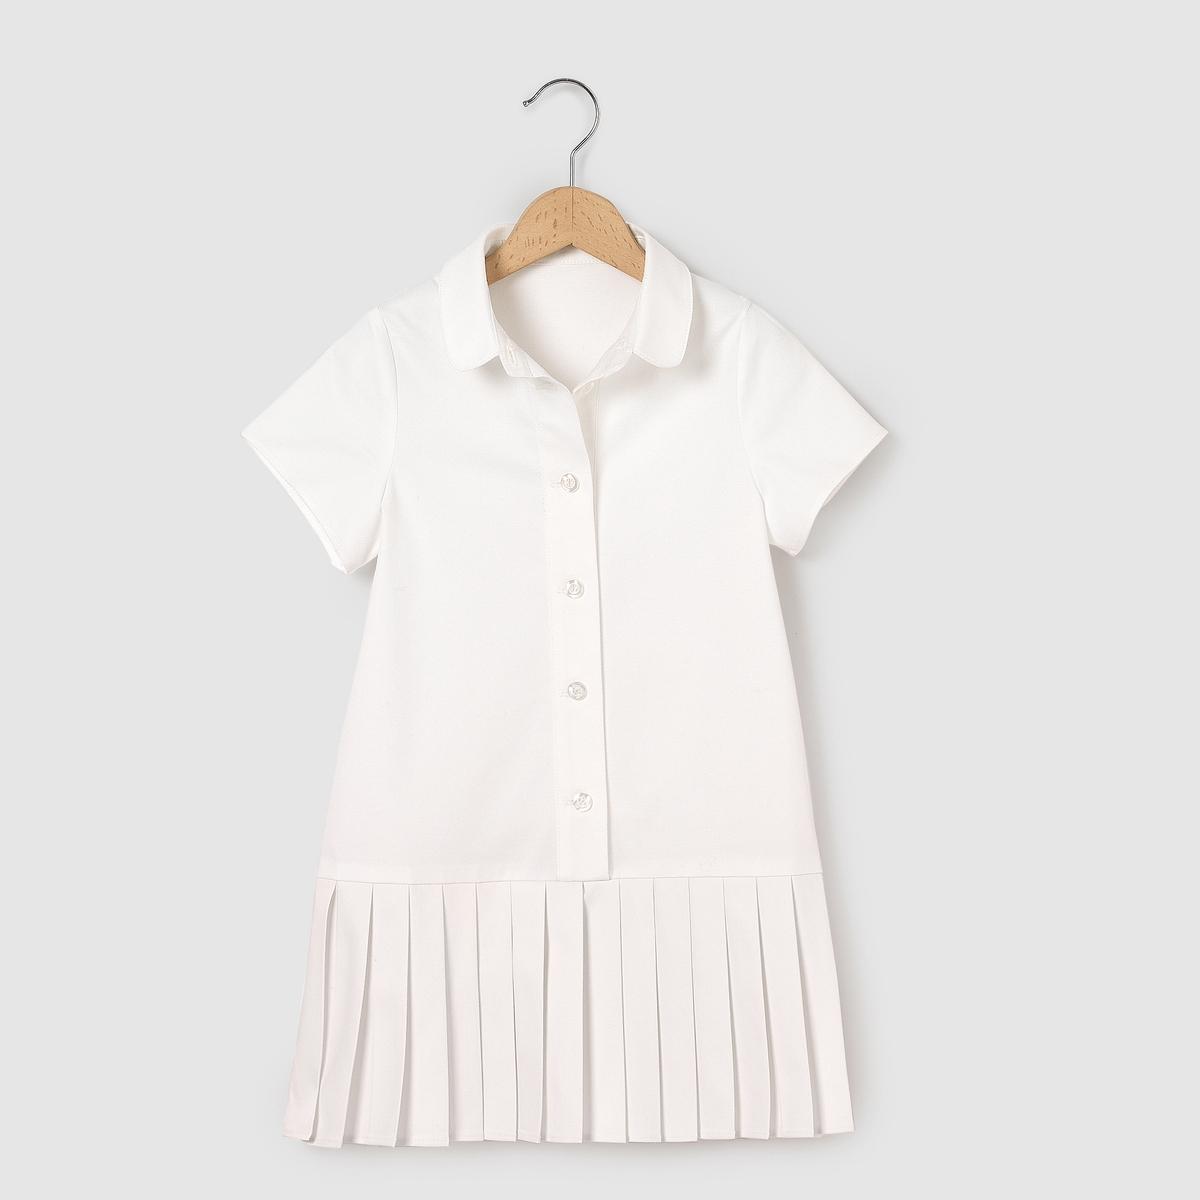 Платье из двух материаловПлатье из двух материалов. Верх, 98% хлопка, 2% эластана. Плиссированный низ, 62% вискозы, 36% полиэстера, 2% эластана.<br><br>Цвет: белый